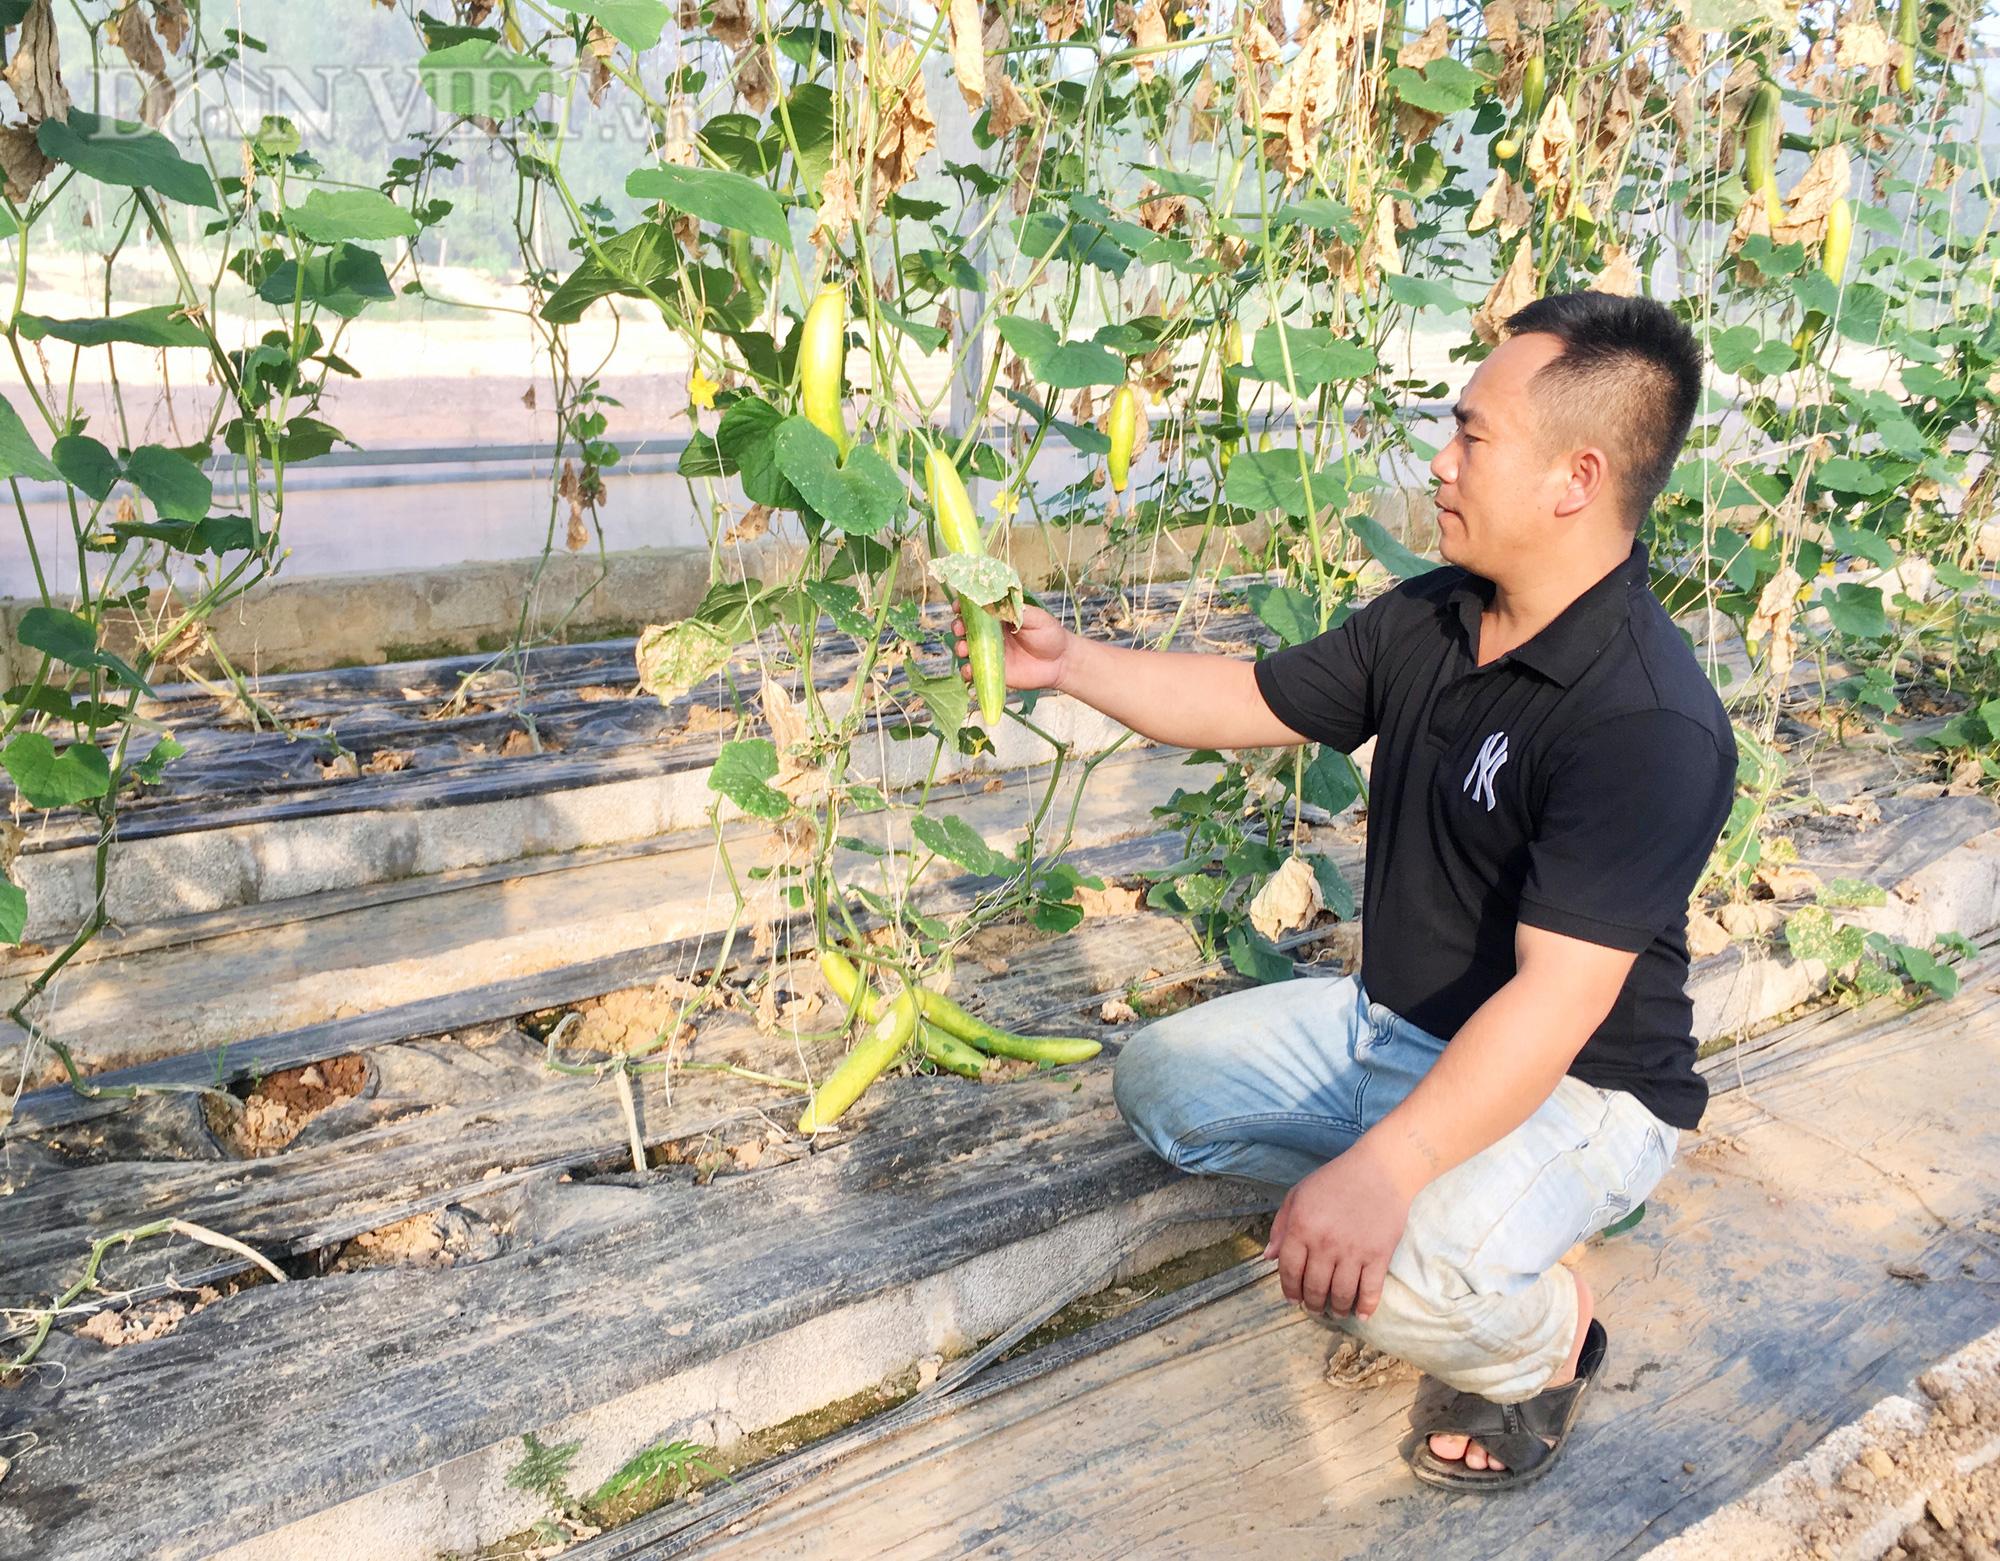 Anh Nguyễn Văn Tấn luôn chú trọng áp dụng tiến bộ khoa học kỹ thuật vào mô hình trồng dưa lưới và một số loại rau, củ, quả khác Ảnh: PV